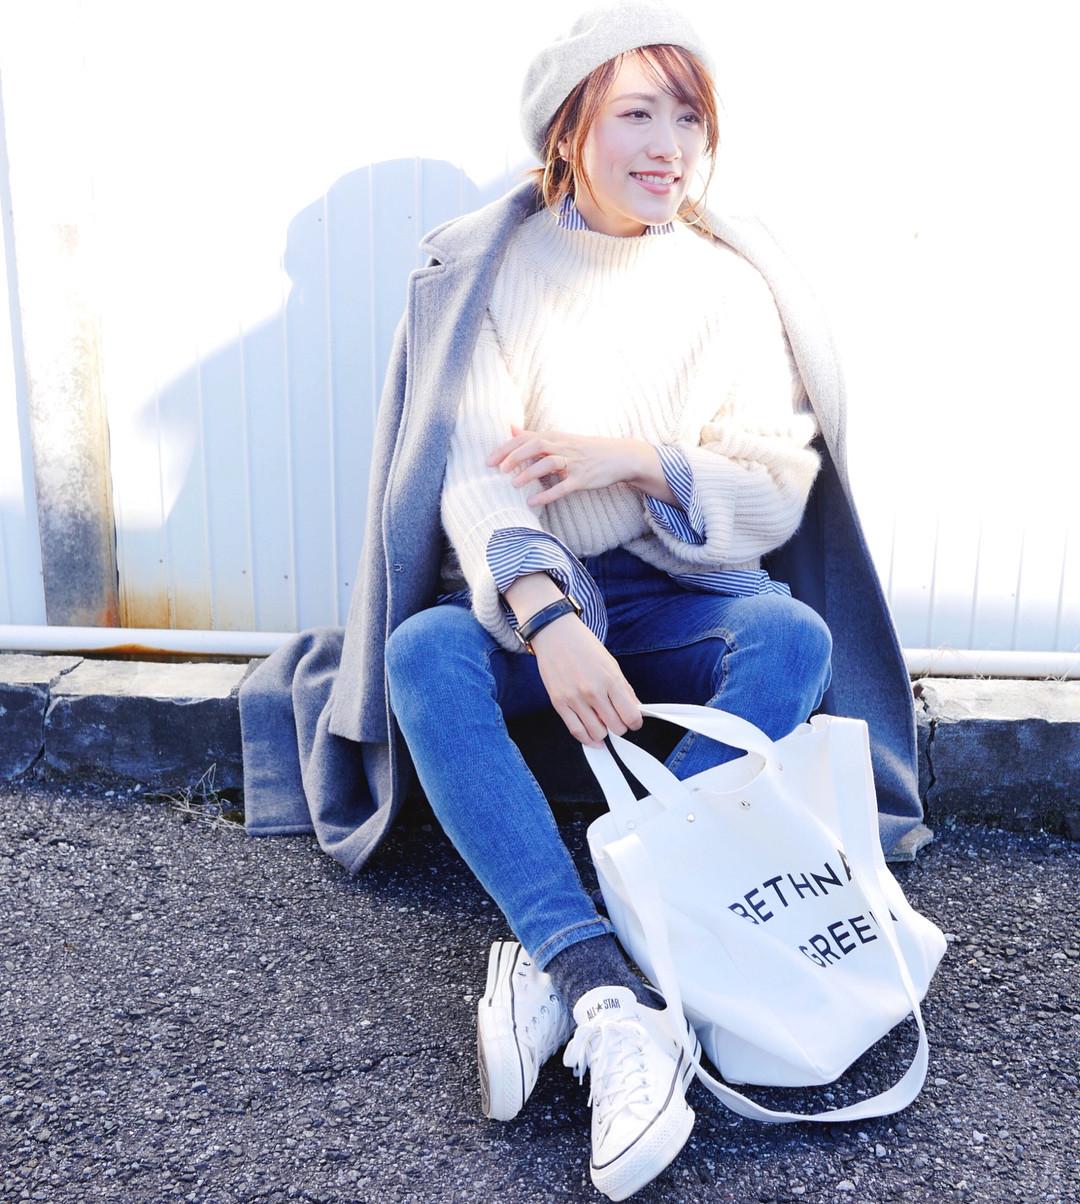 横広大きめトートはママのお買い物にもぴったり! 出典:mikiaoba